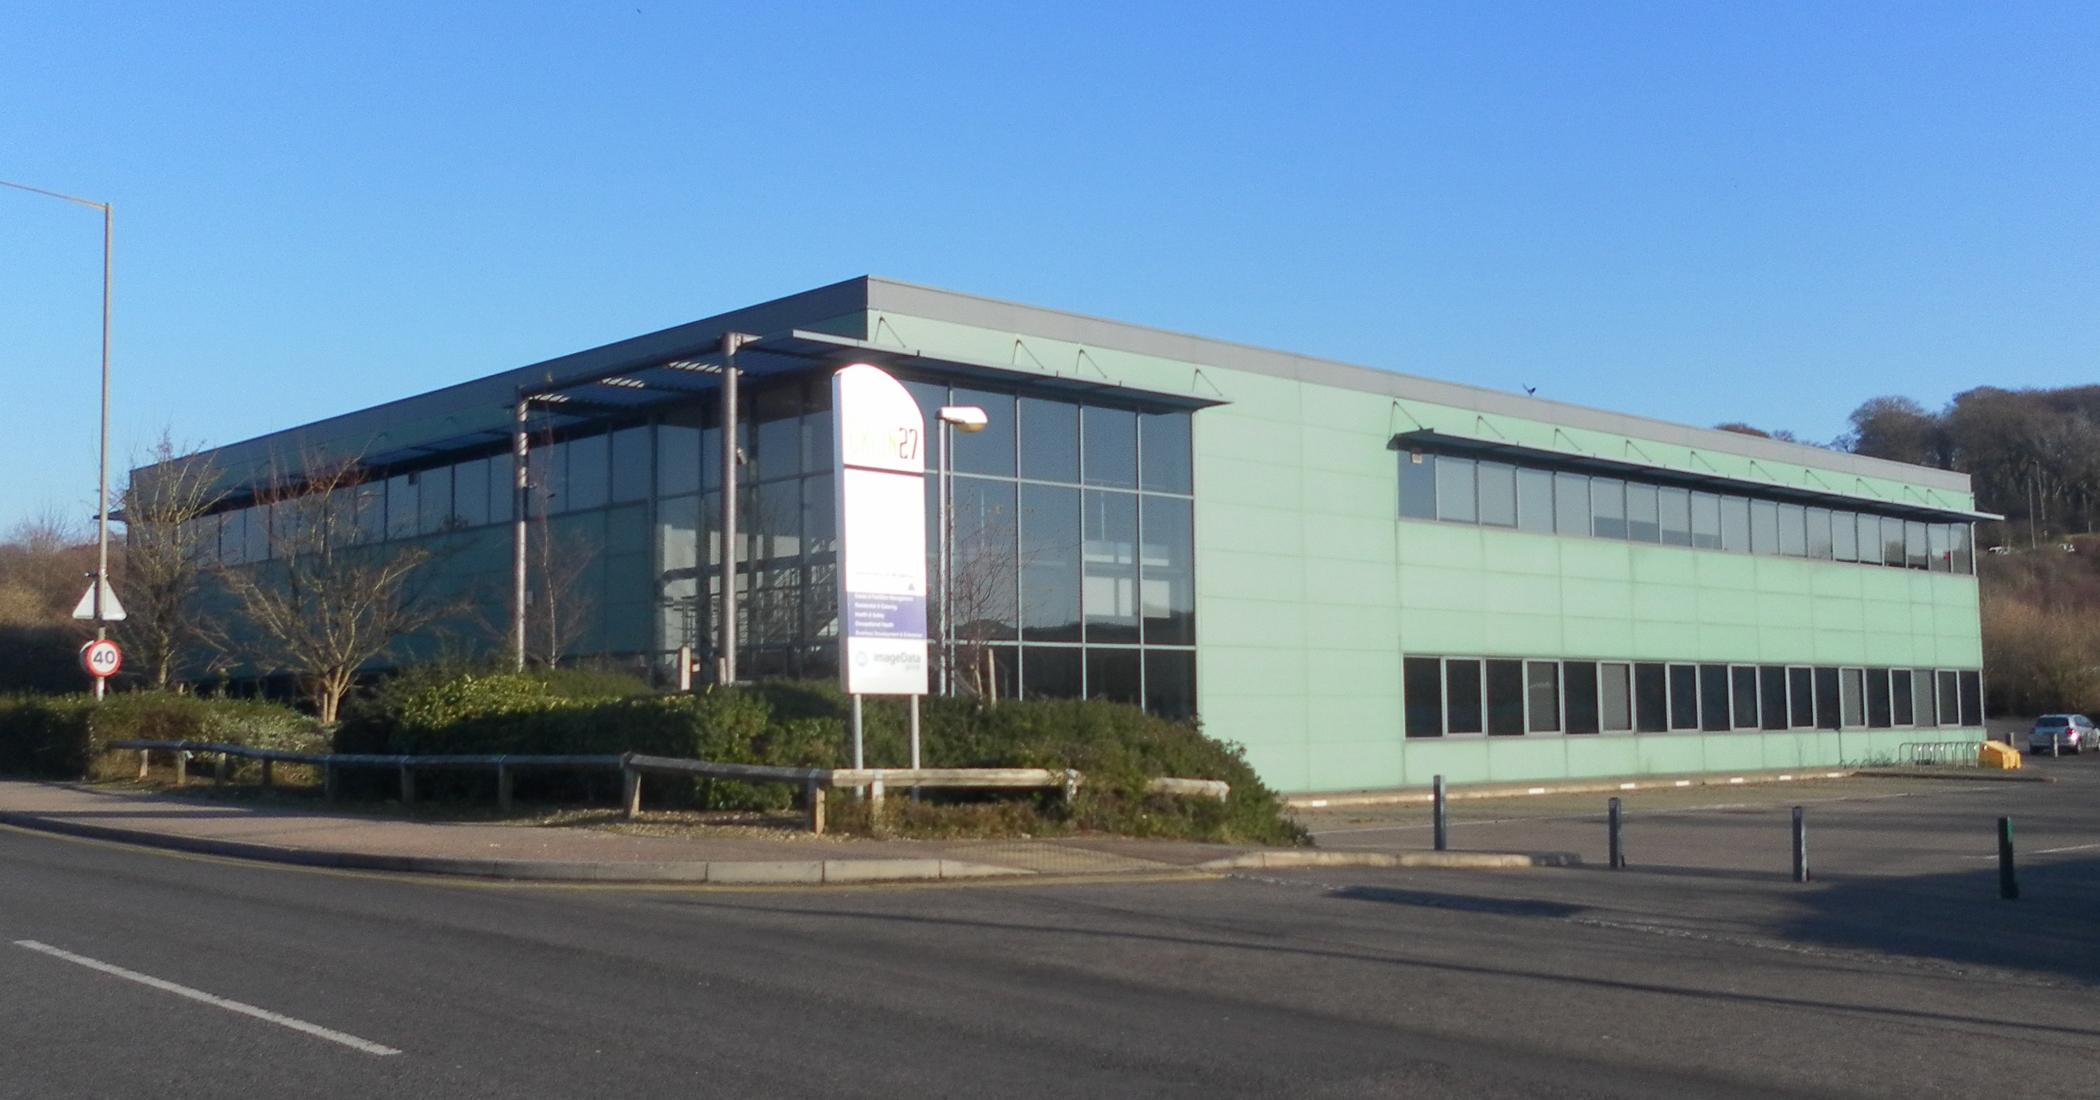 FileExion 27 Building Hollingbury Industrial Estate